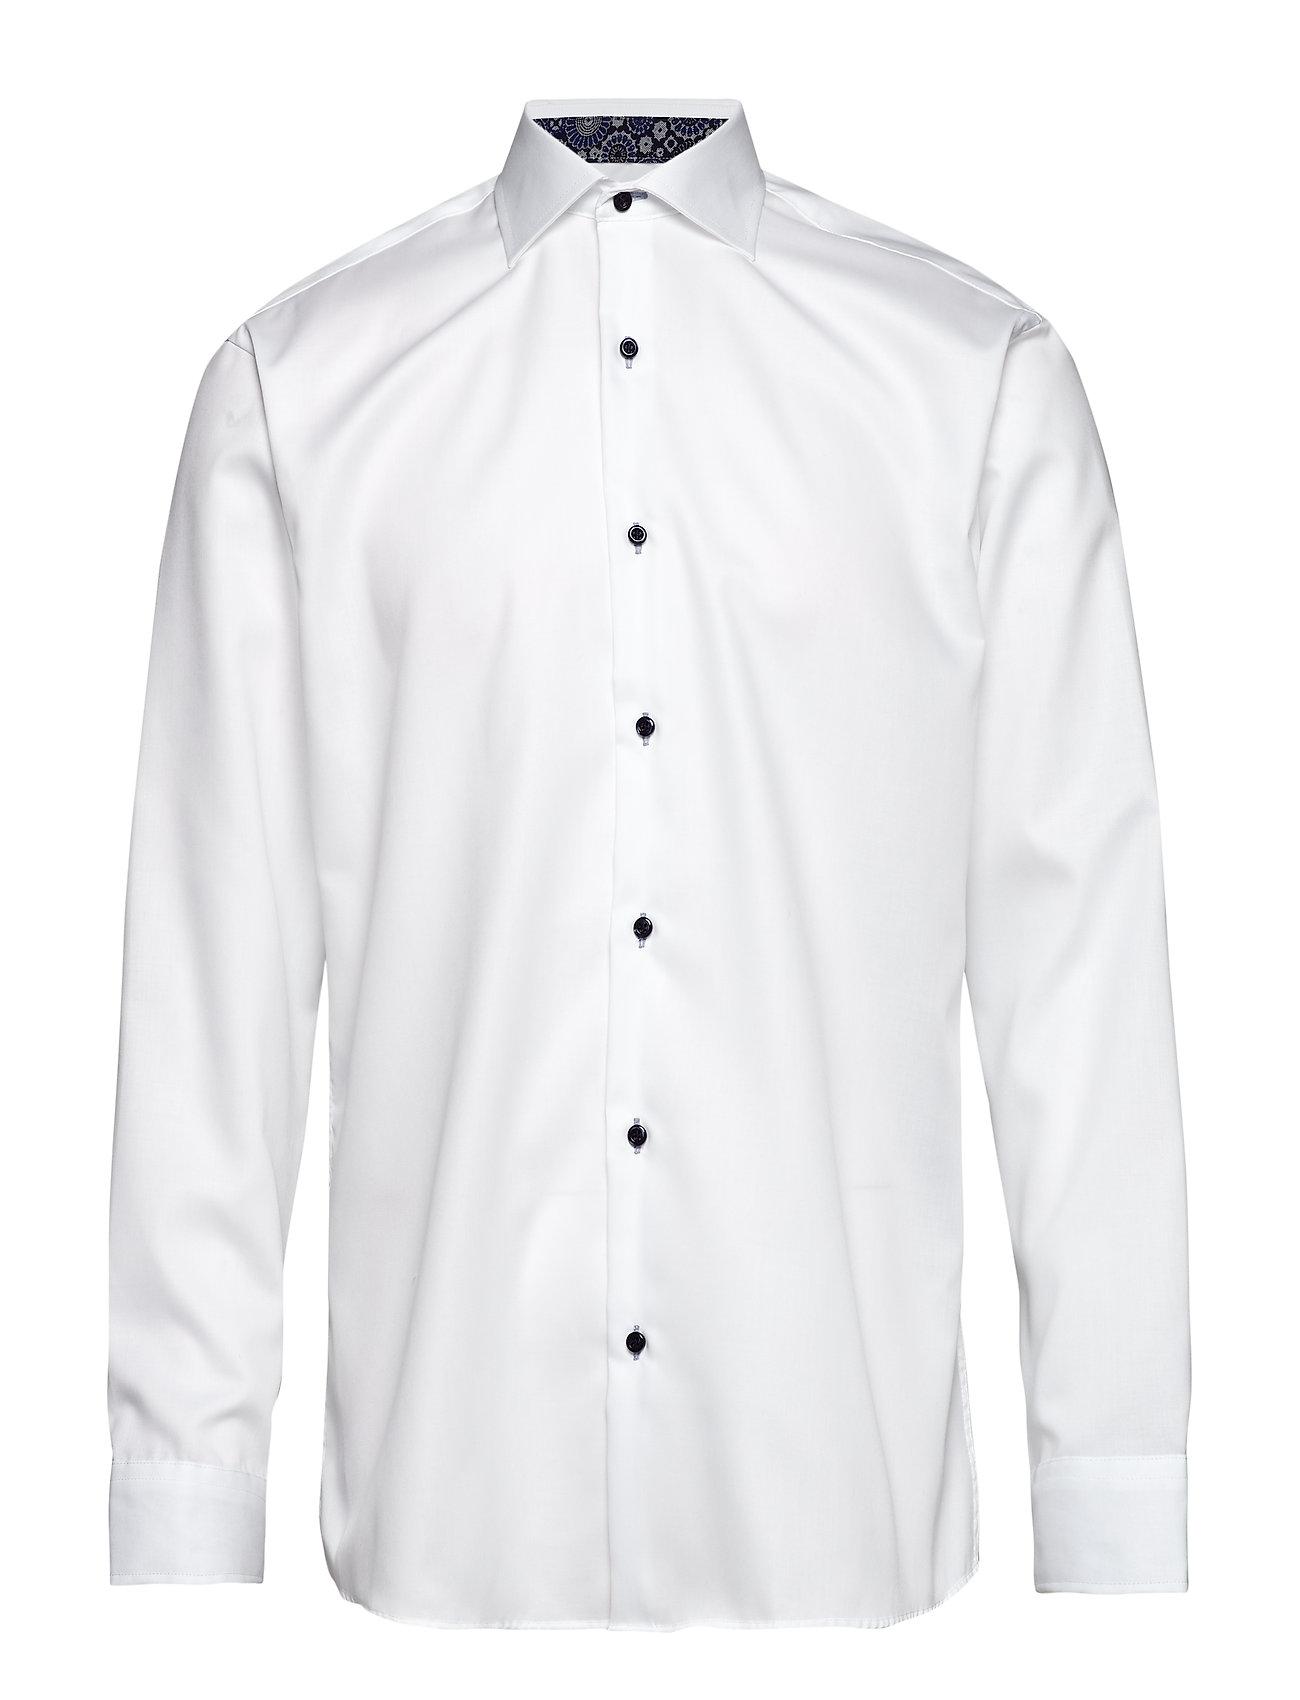 Business skjorte i hvid og mørkeblå twill.